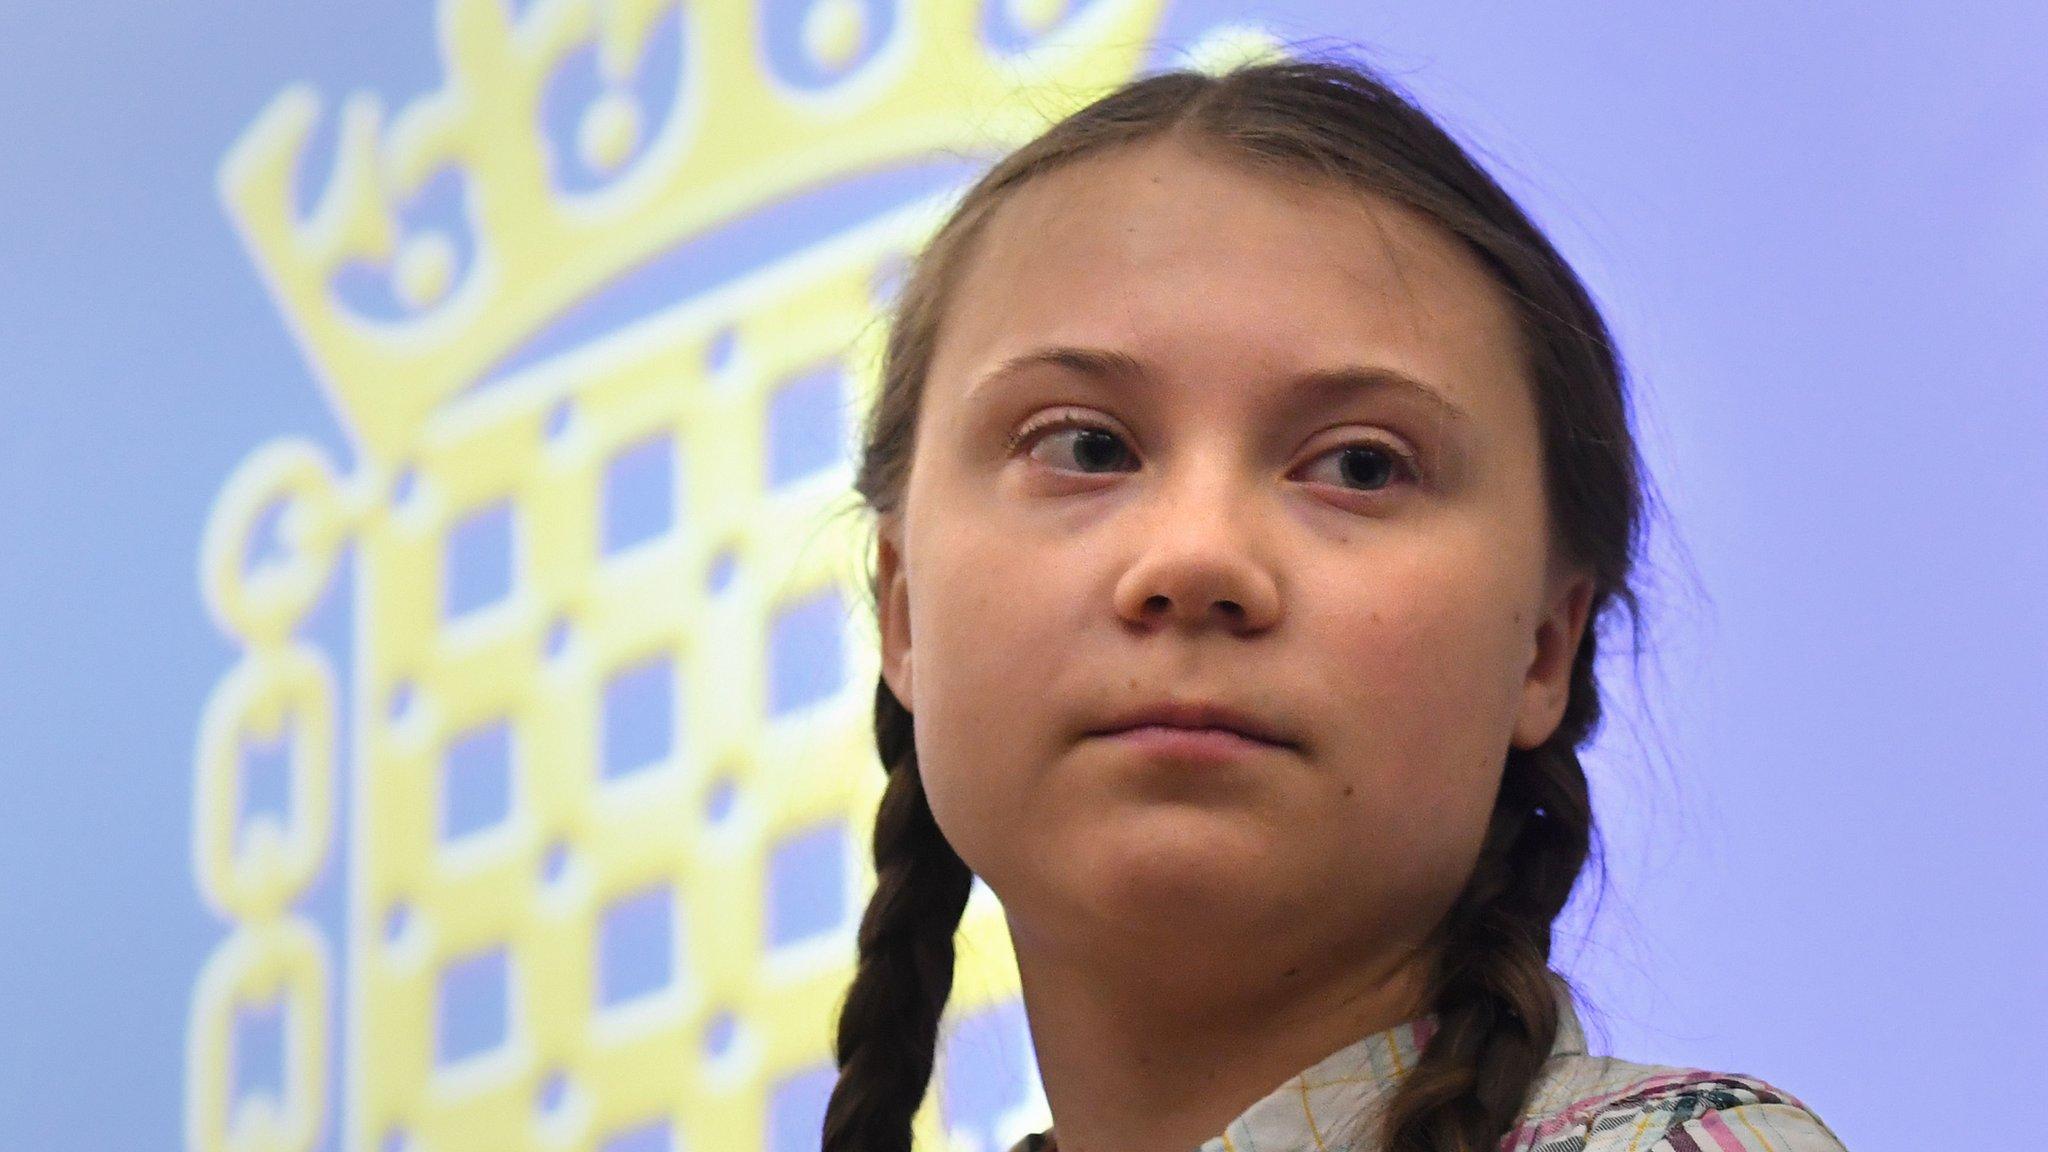 Greta Thunberg: Teen activist says future has been stolen